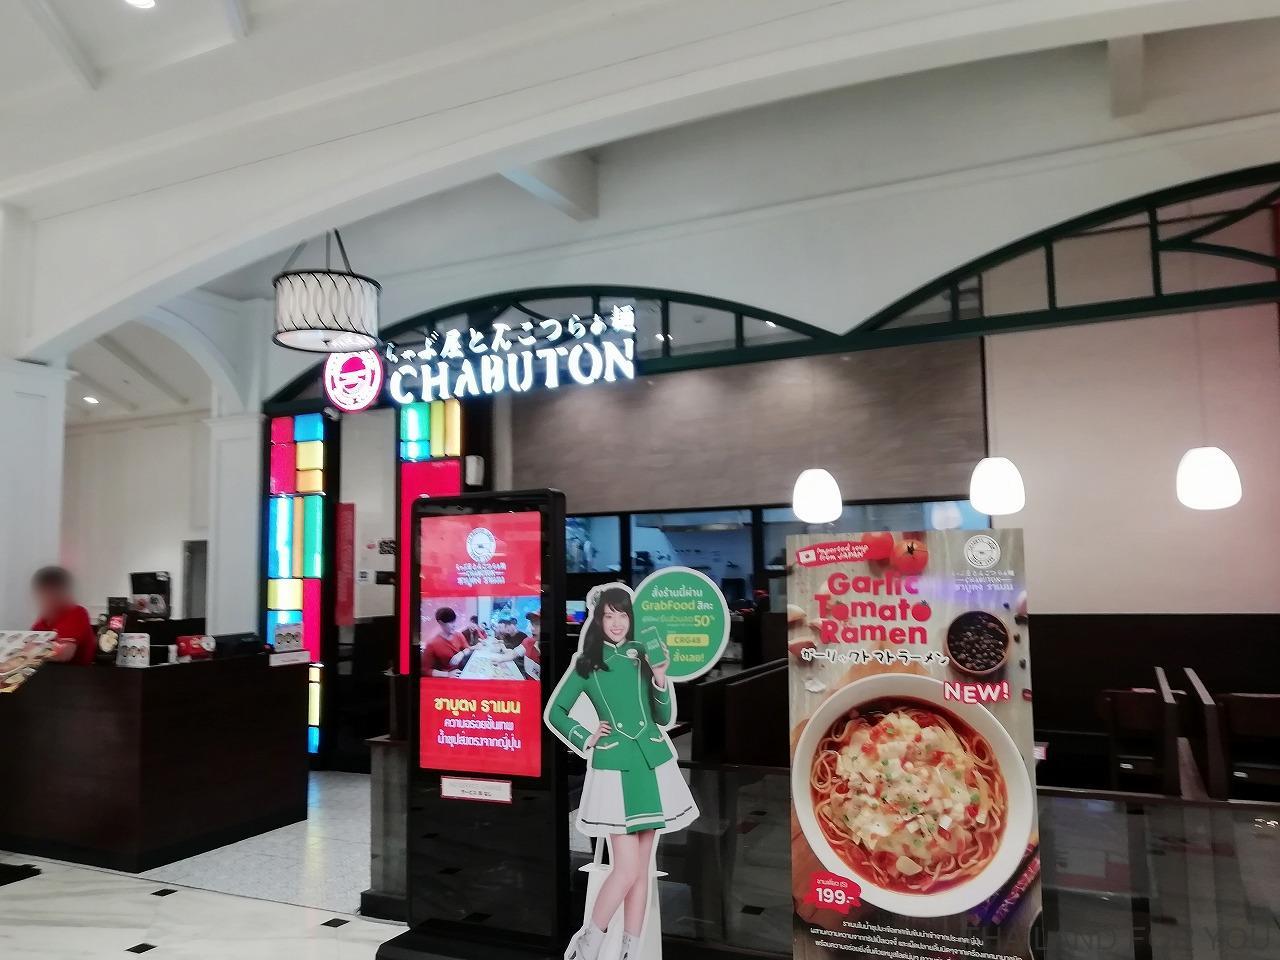 ザ・マーケット・バンコク ちゃぶ屋とんこつらぁ麺CHABUTON the market bangkok 写真